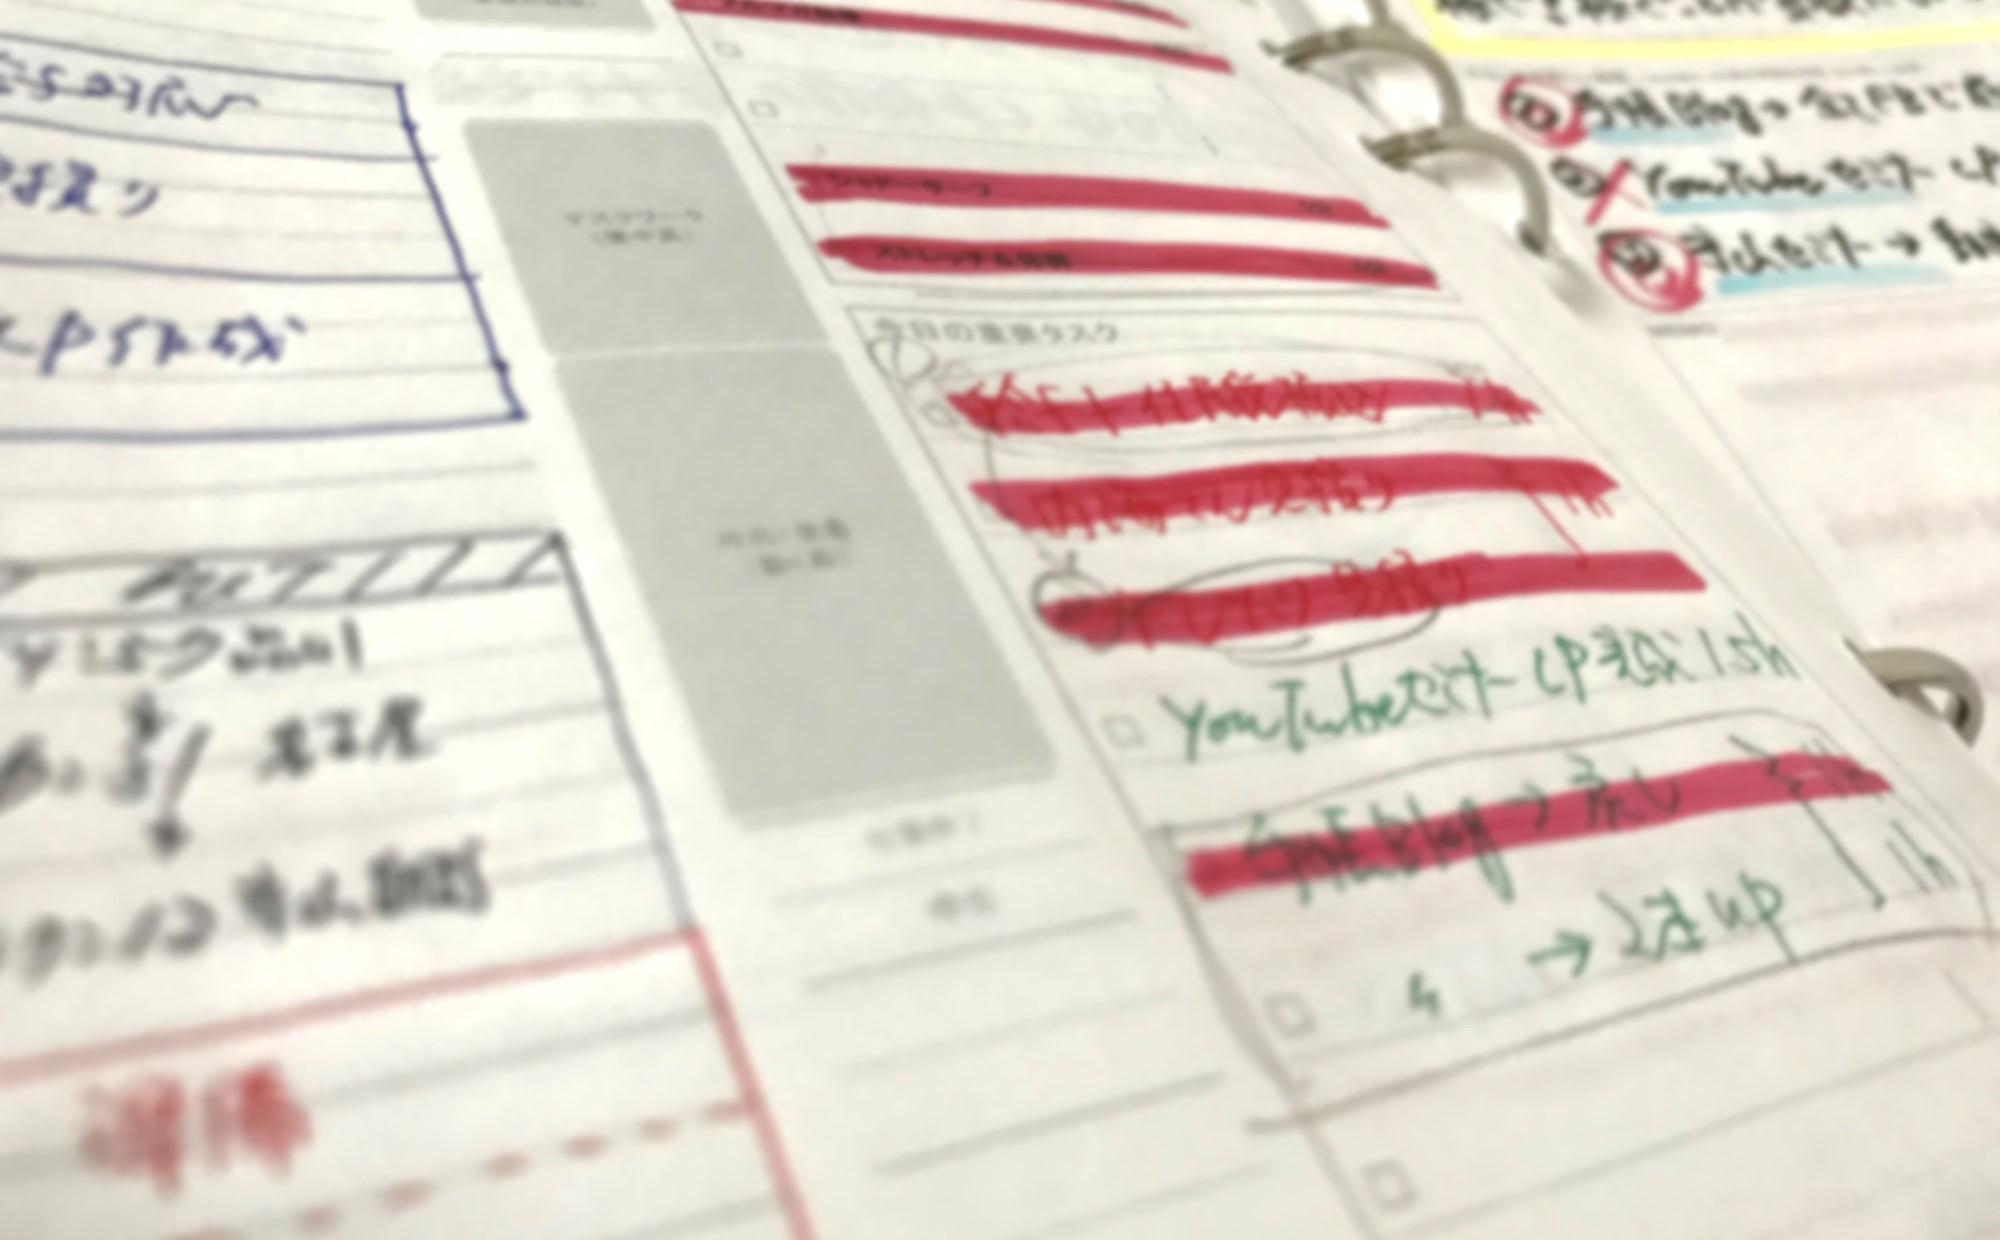 目標達成のために、1日の課題・宿題・タスクはその日中に対処する努力を